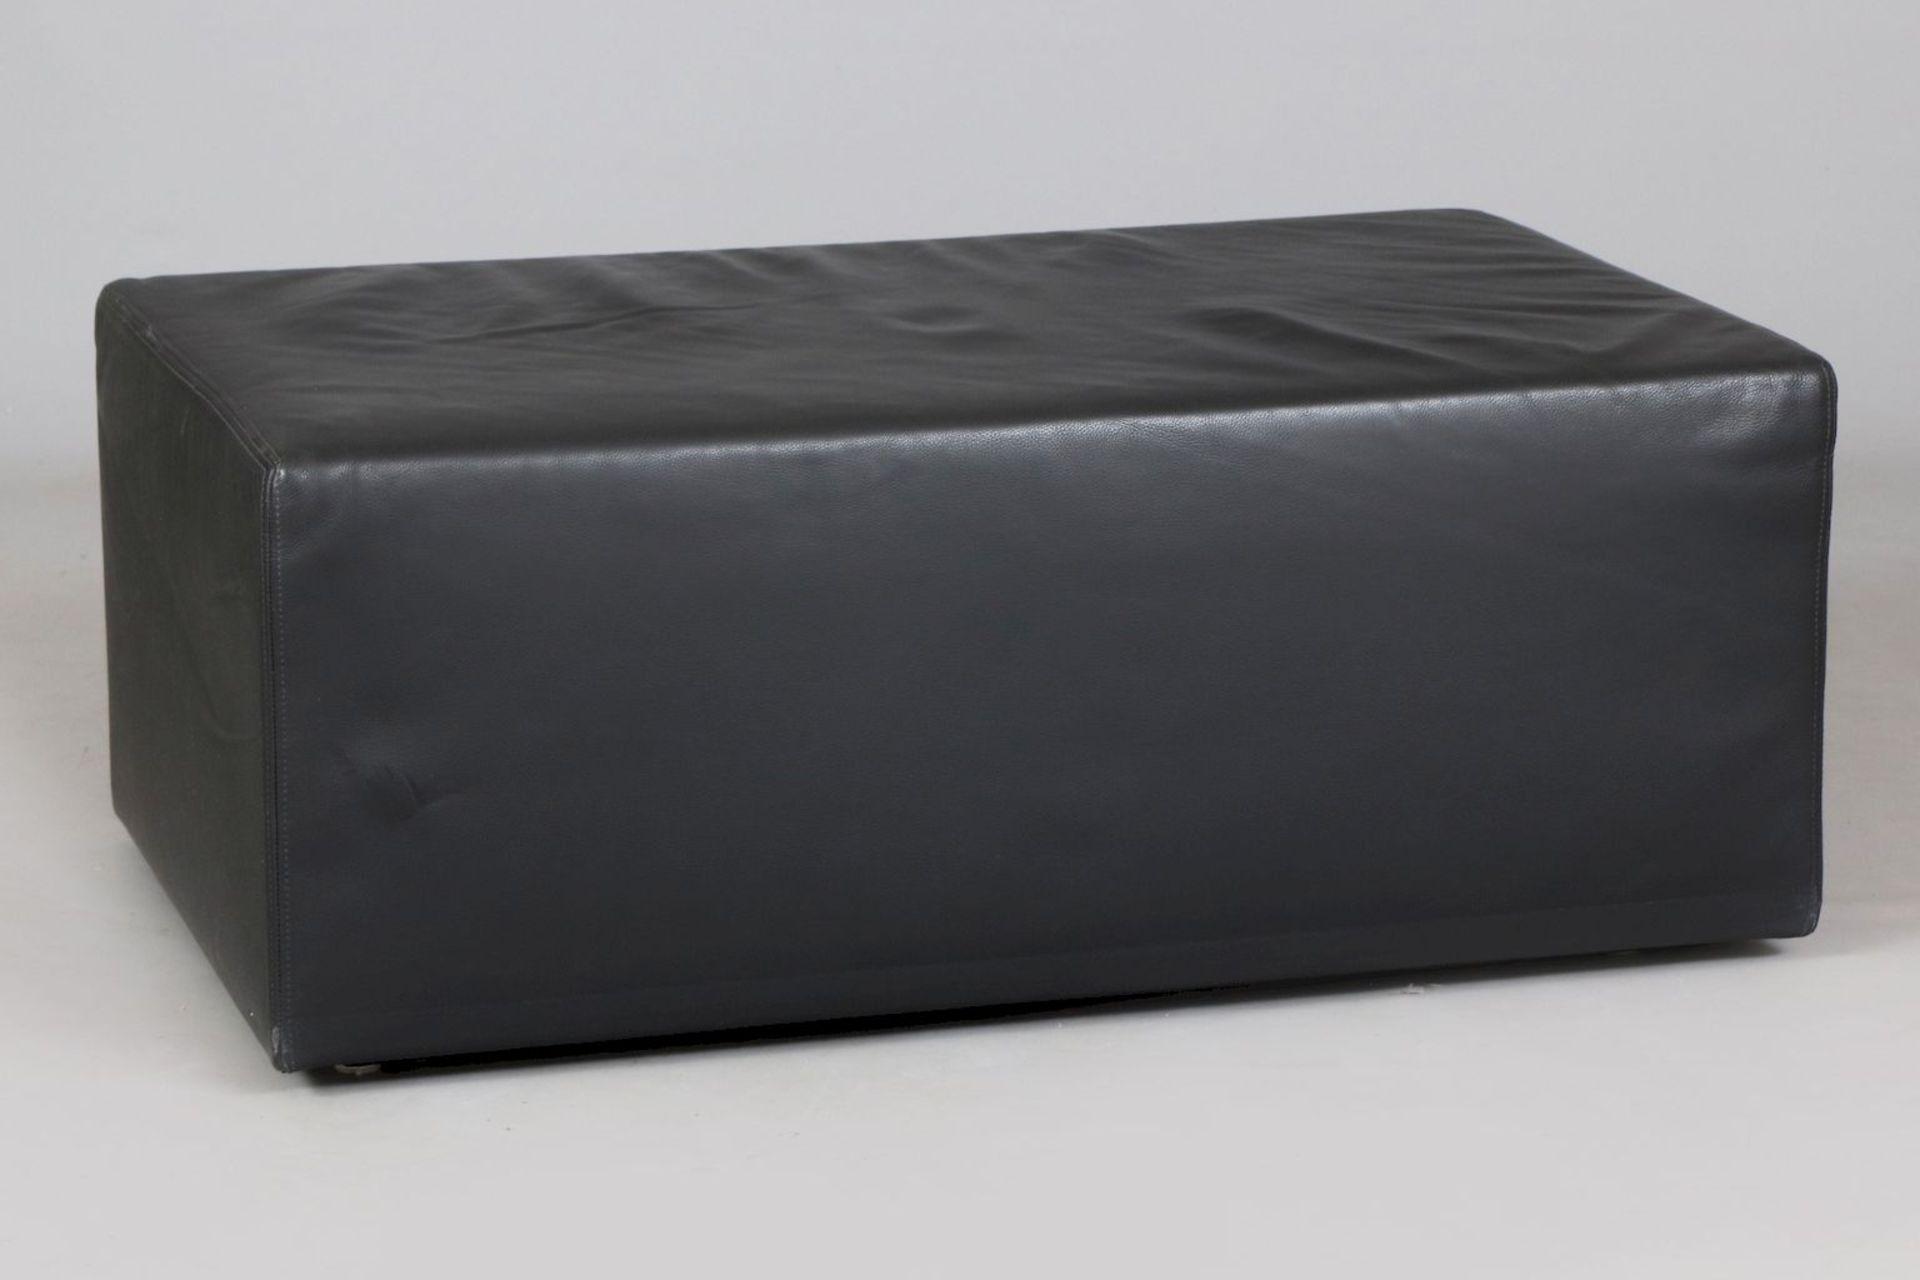 Leder-Pouf (Sitzmöbel oder Couchtisch)